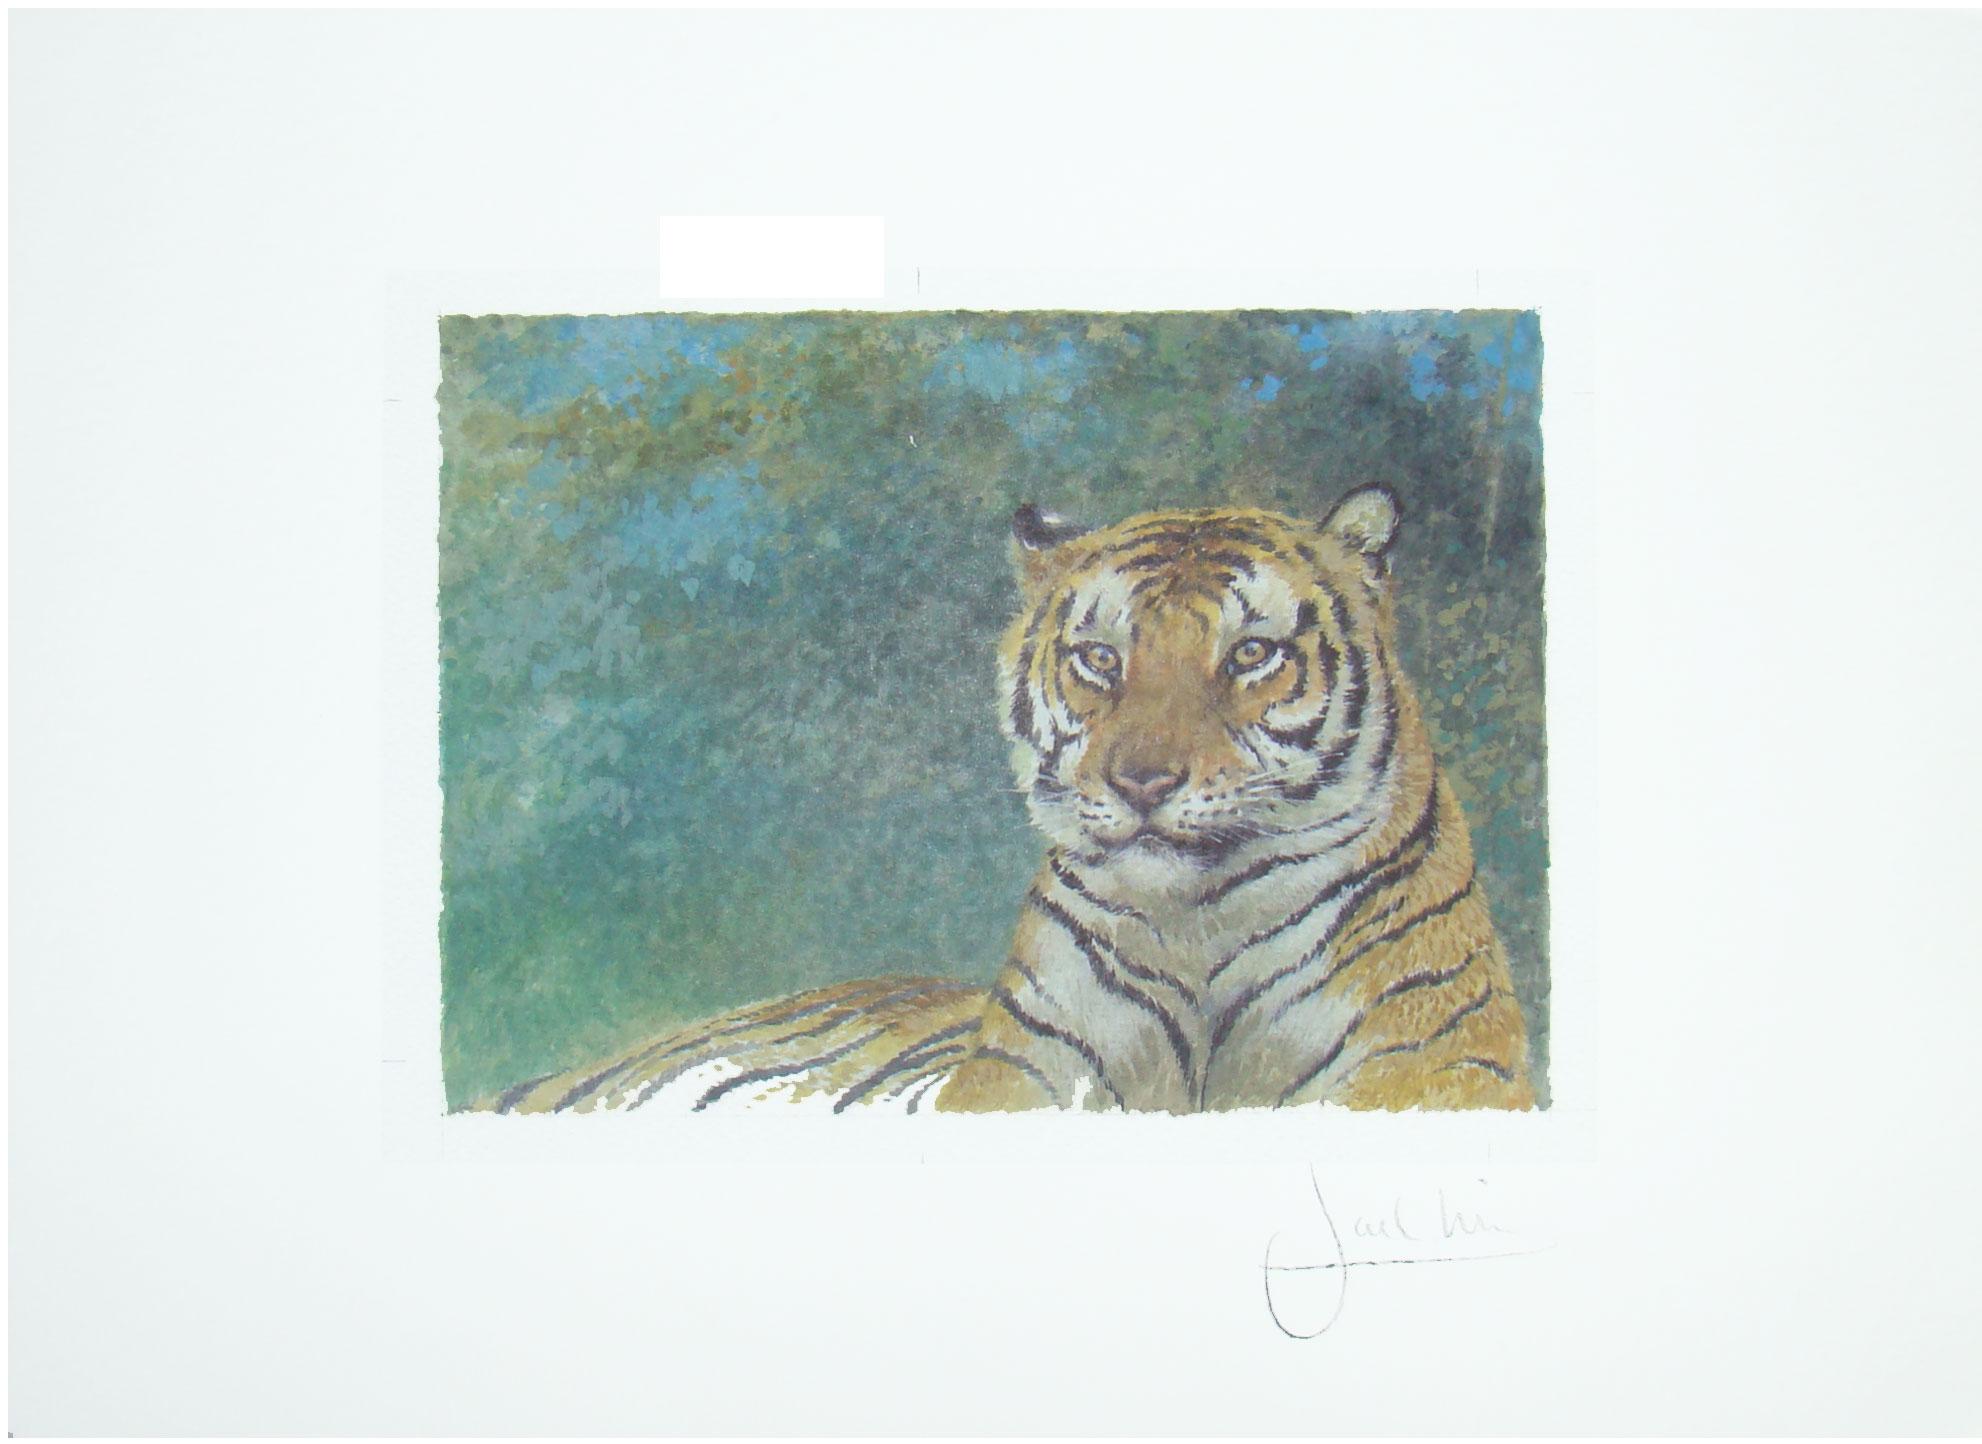 Joel Kirk Print - Bengal Tiger in green leaves